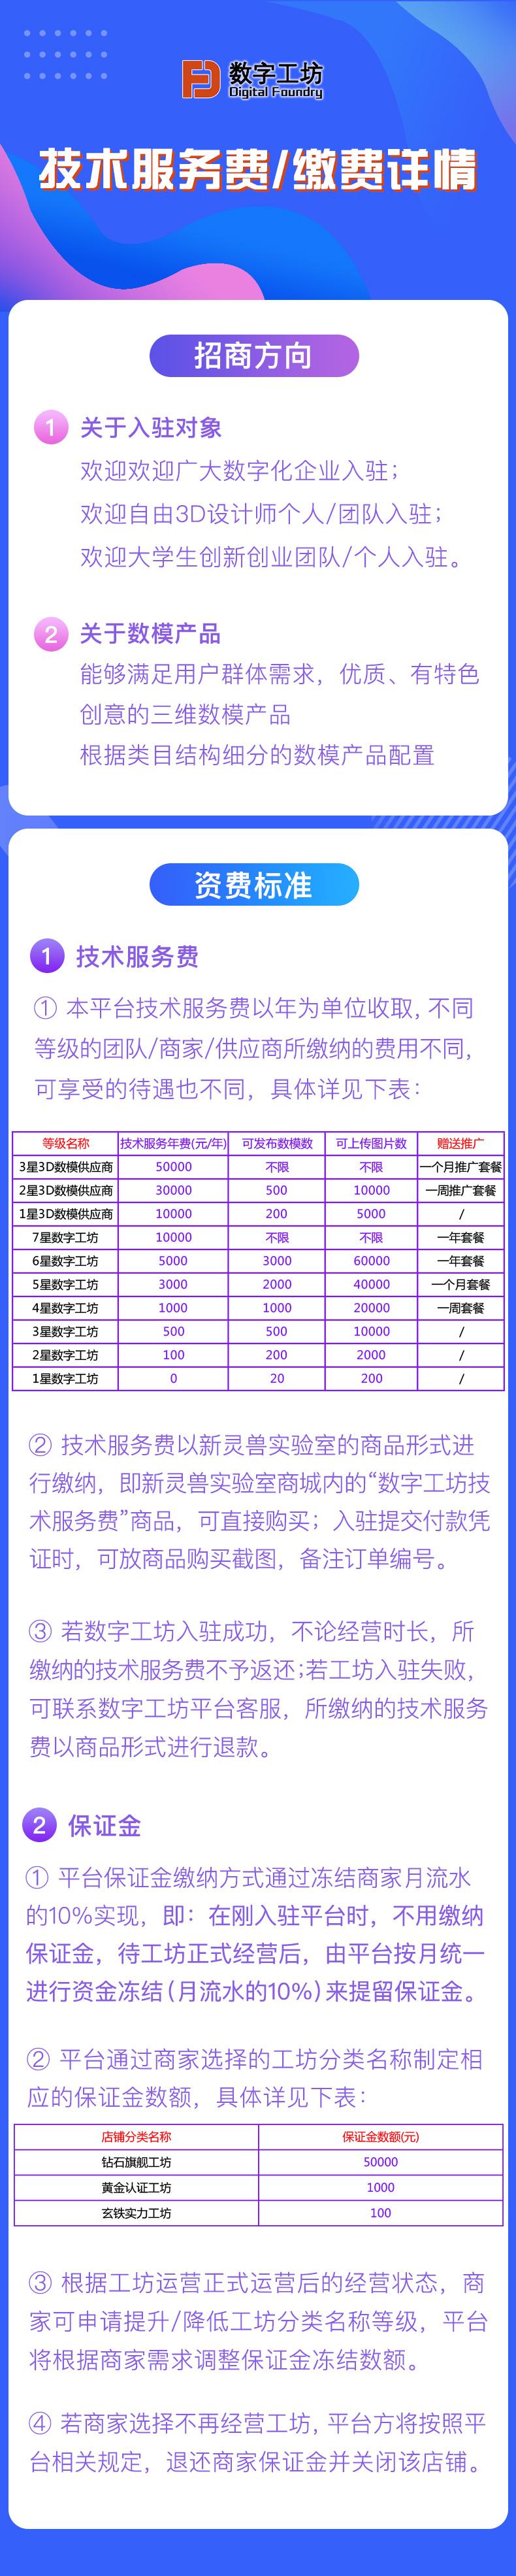 平台技术服务费.png